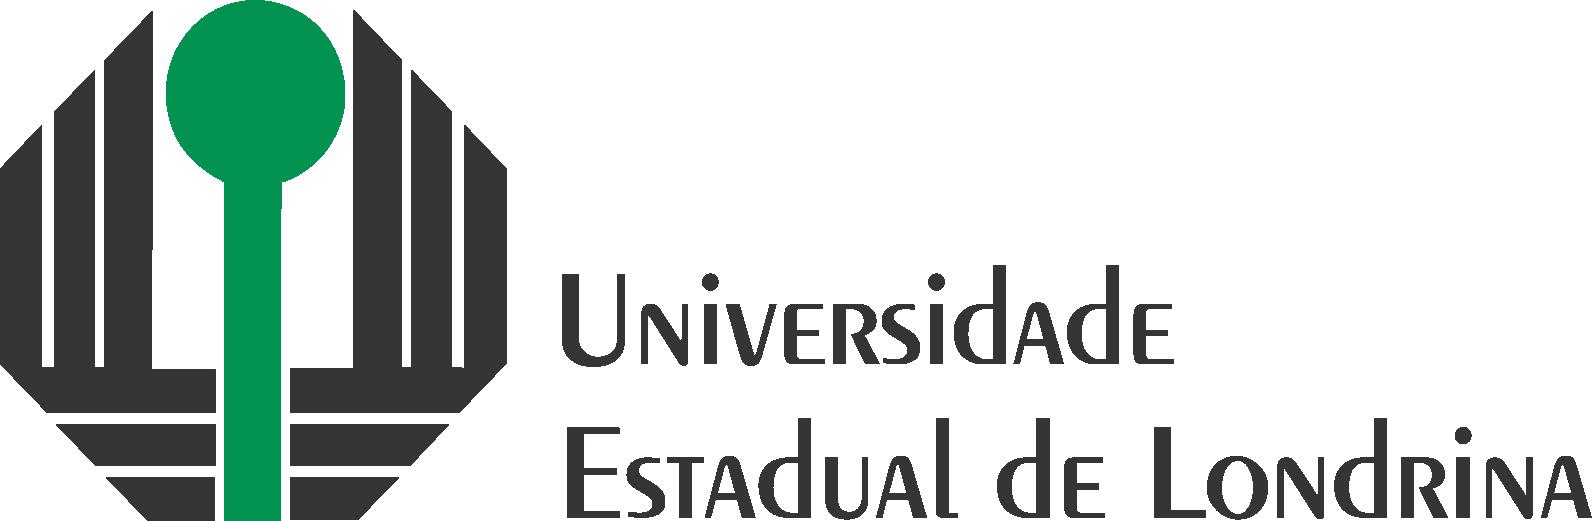 Abertas inscrições para cursinho gratuito da UEL